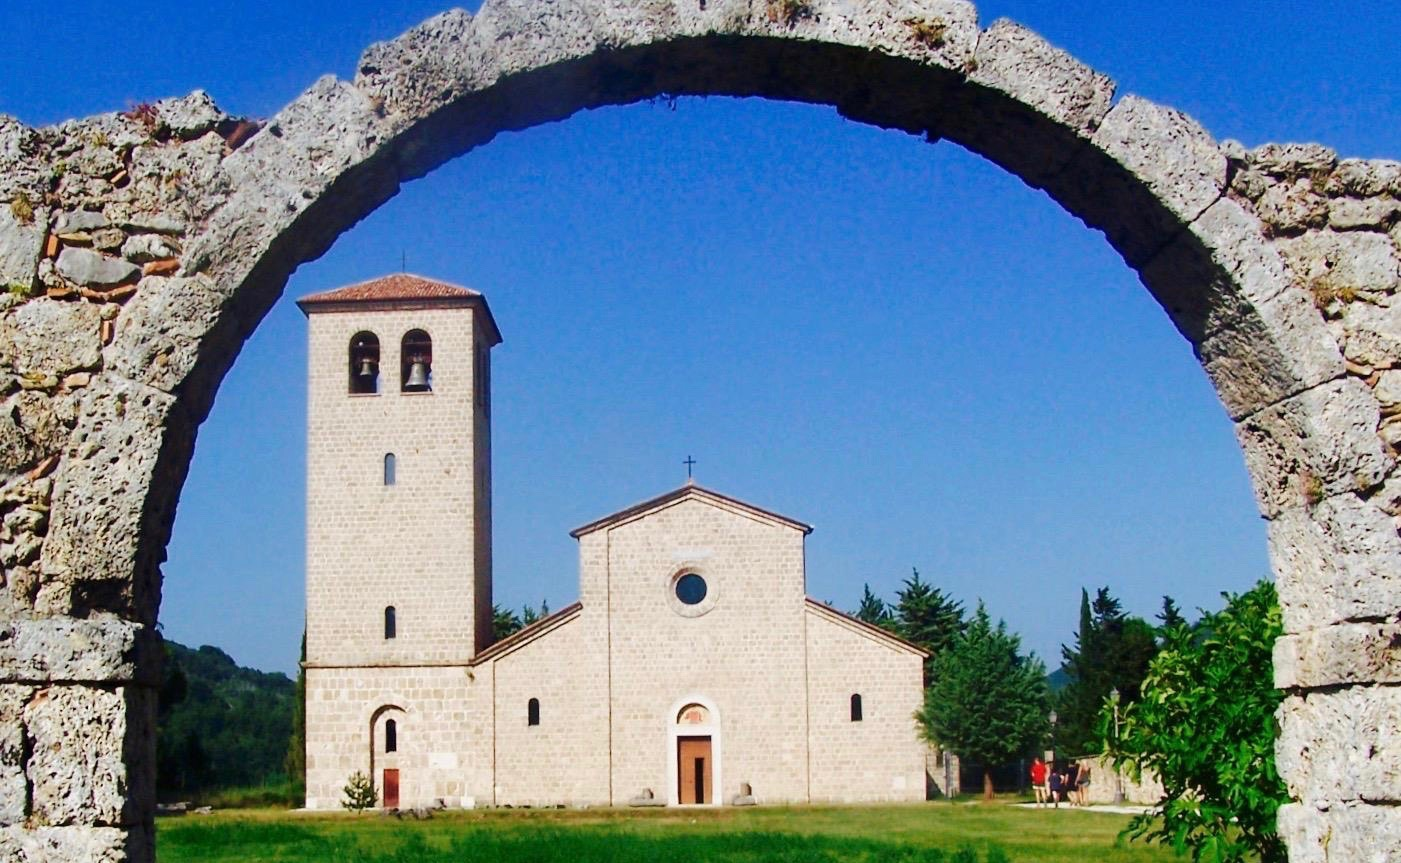 Domani su Rai Storia uno speciale sul sito archeologico di San Vincenzo al Volturno